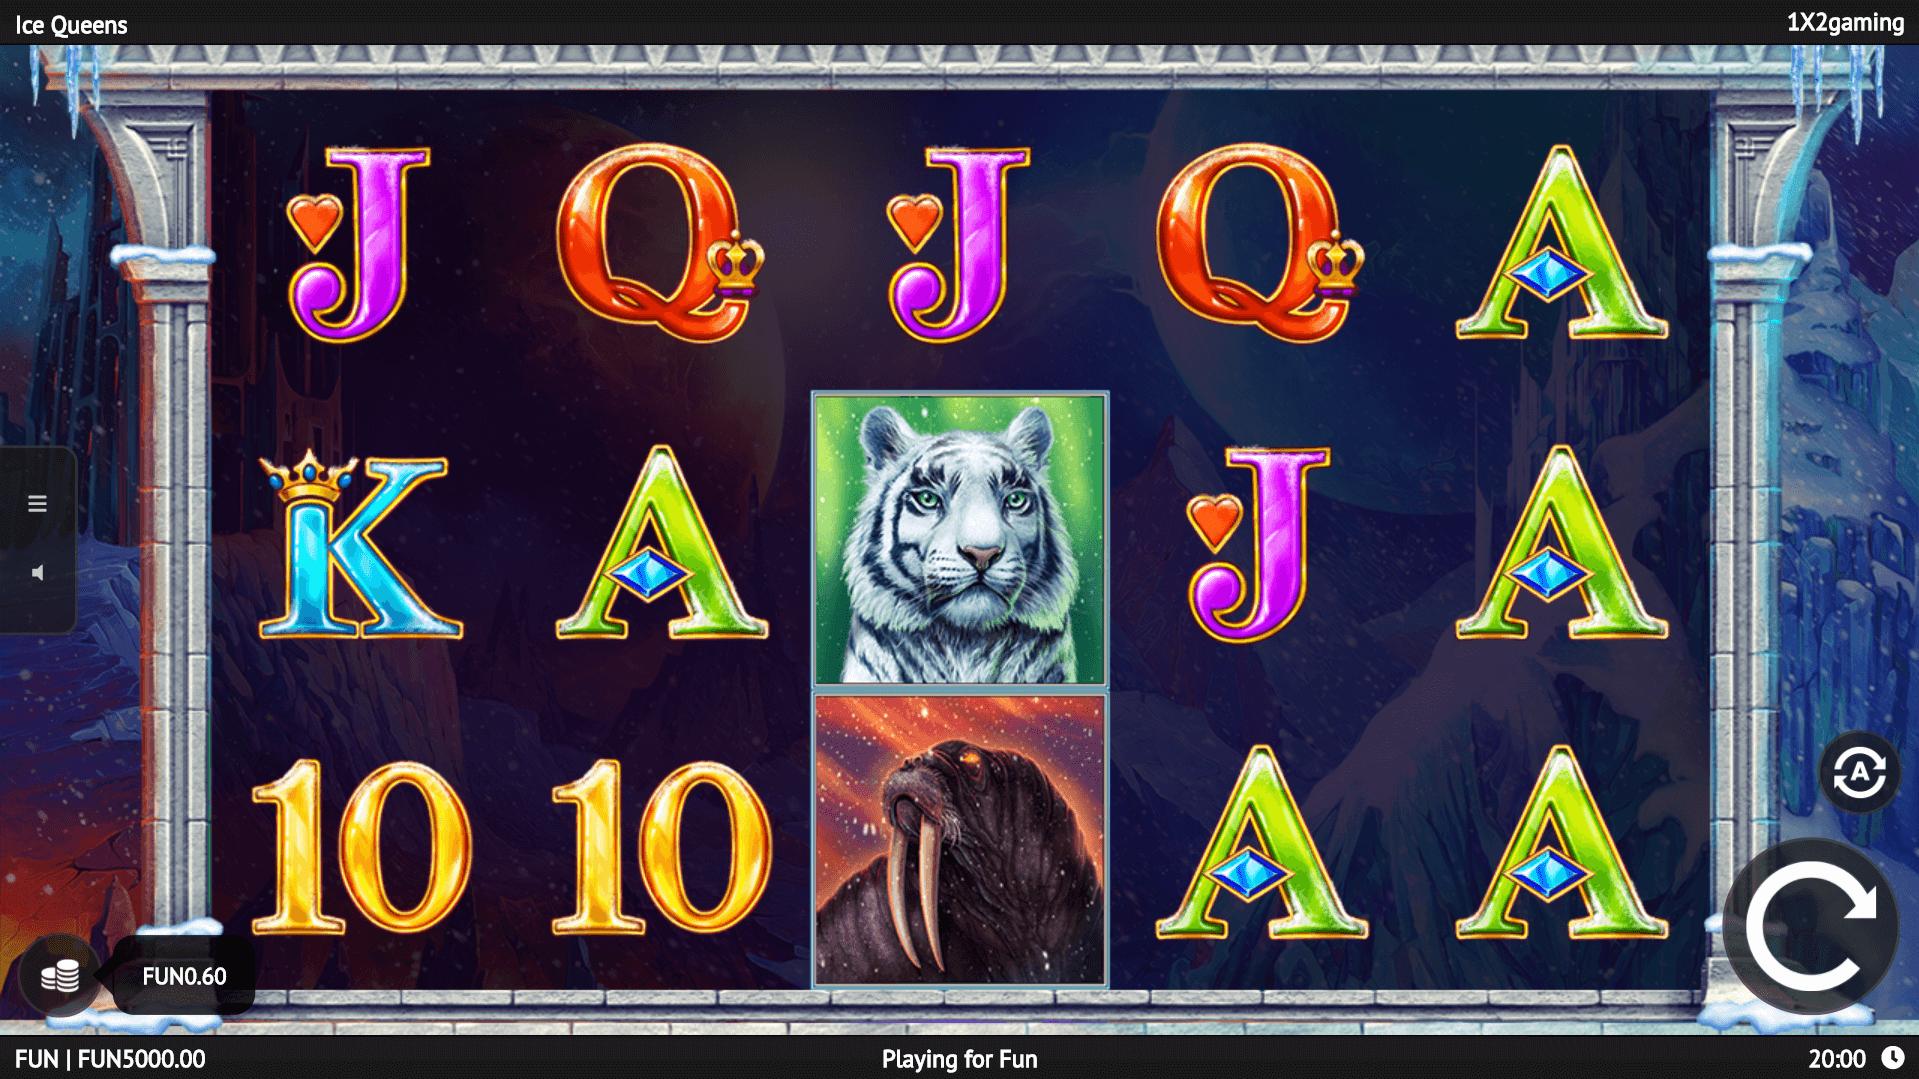 Ice Queens slot machine screenshot